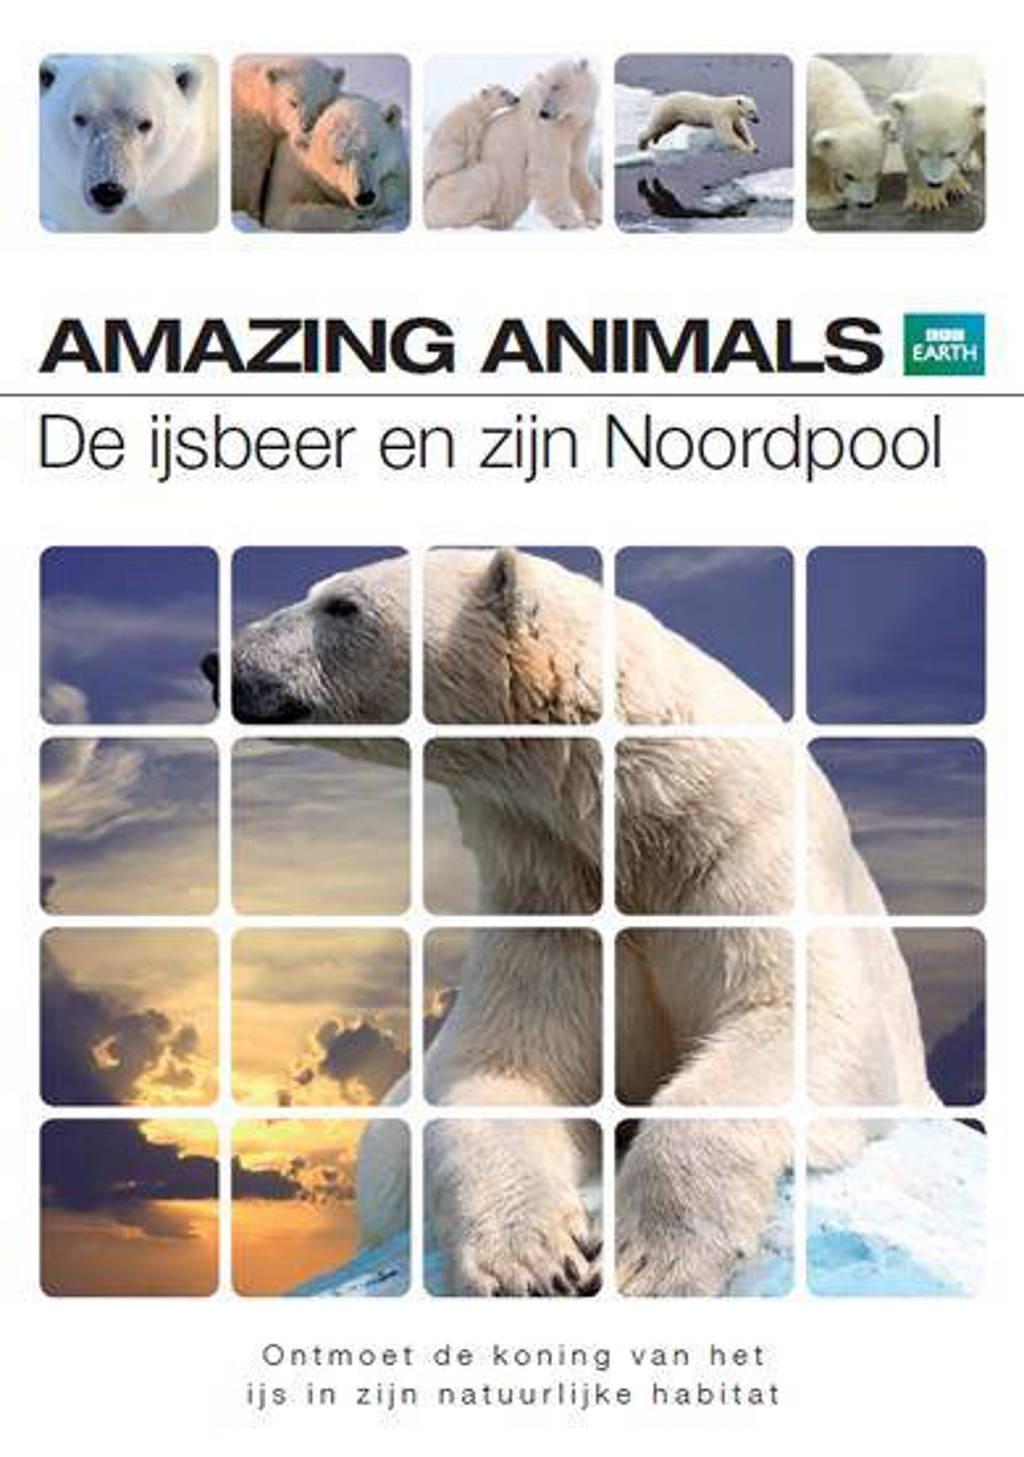 Amazing animals - De ijsbeer en zijn Noordpool (DVD)